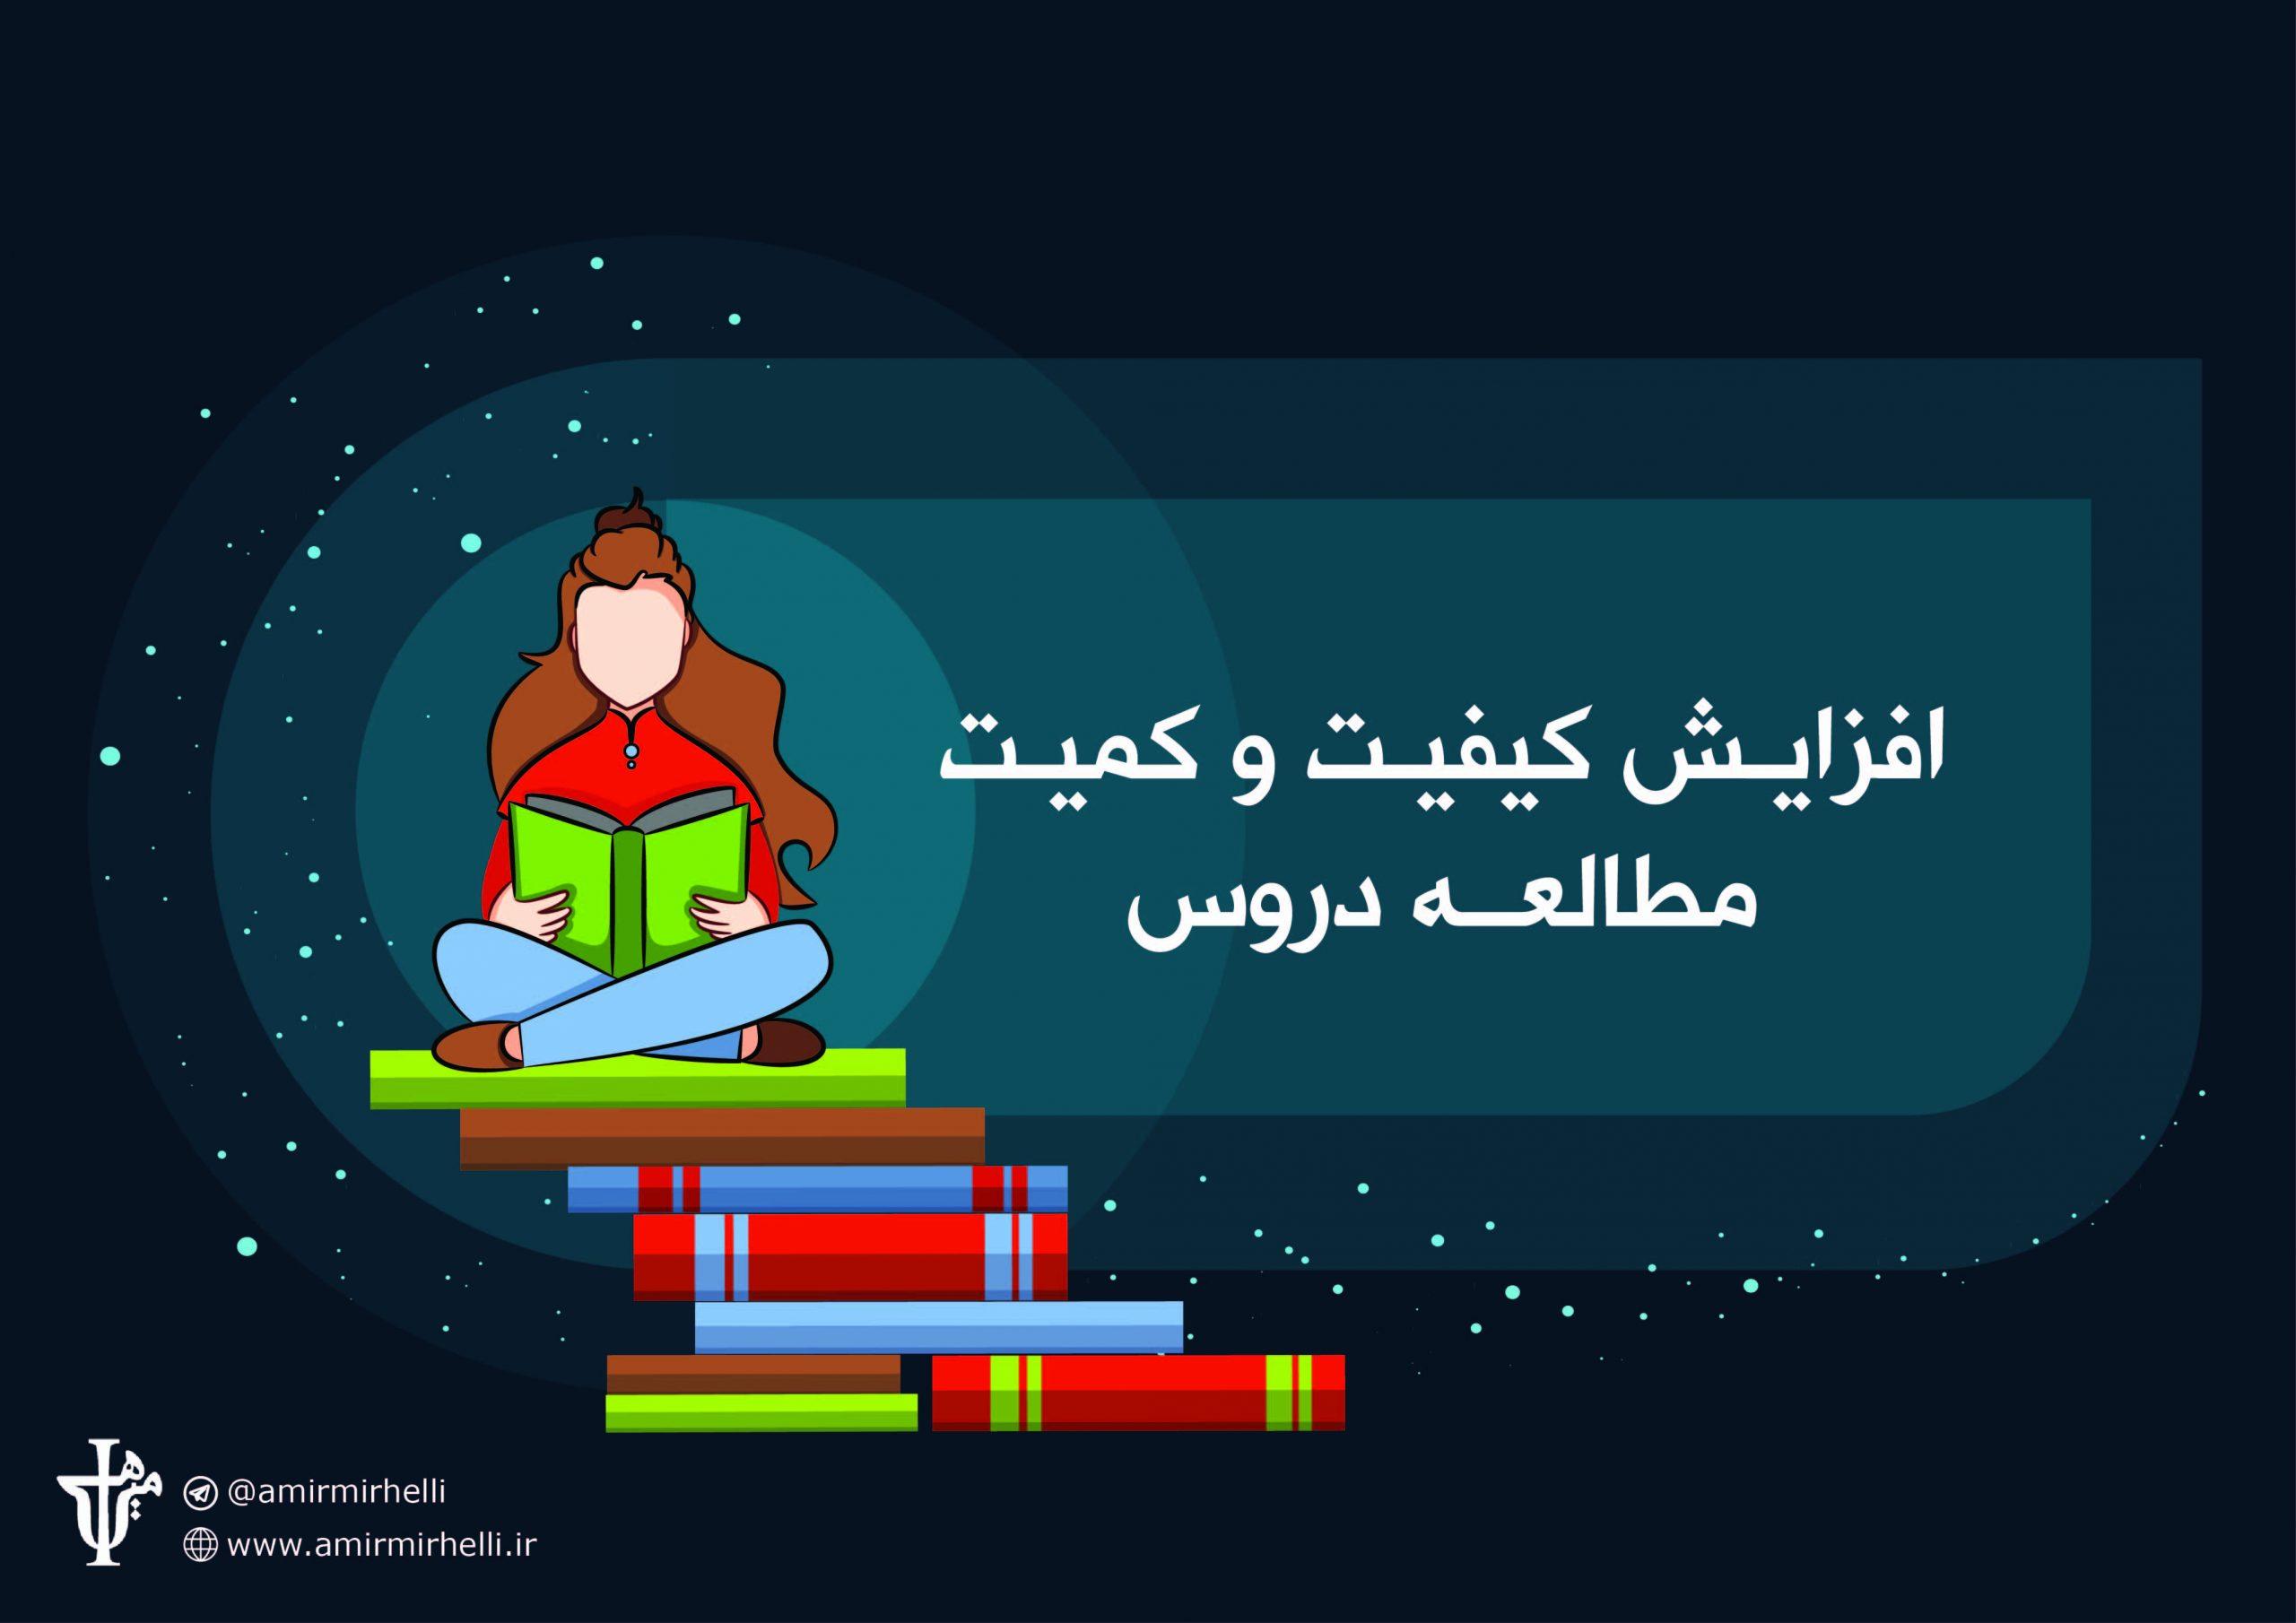 افزایش کیفیت و کمیت مطالعه دروس